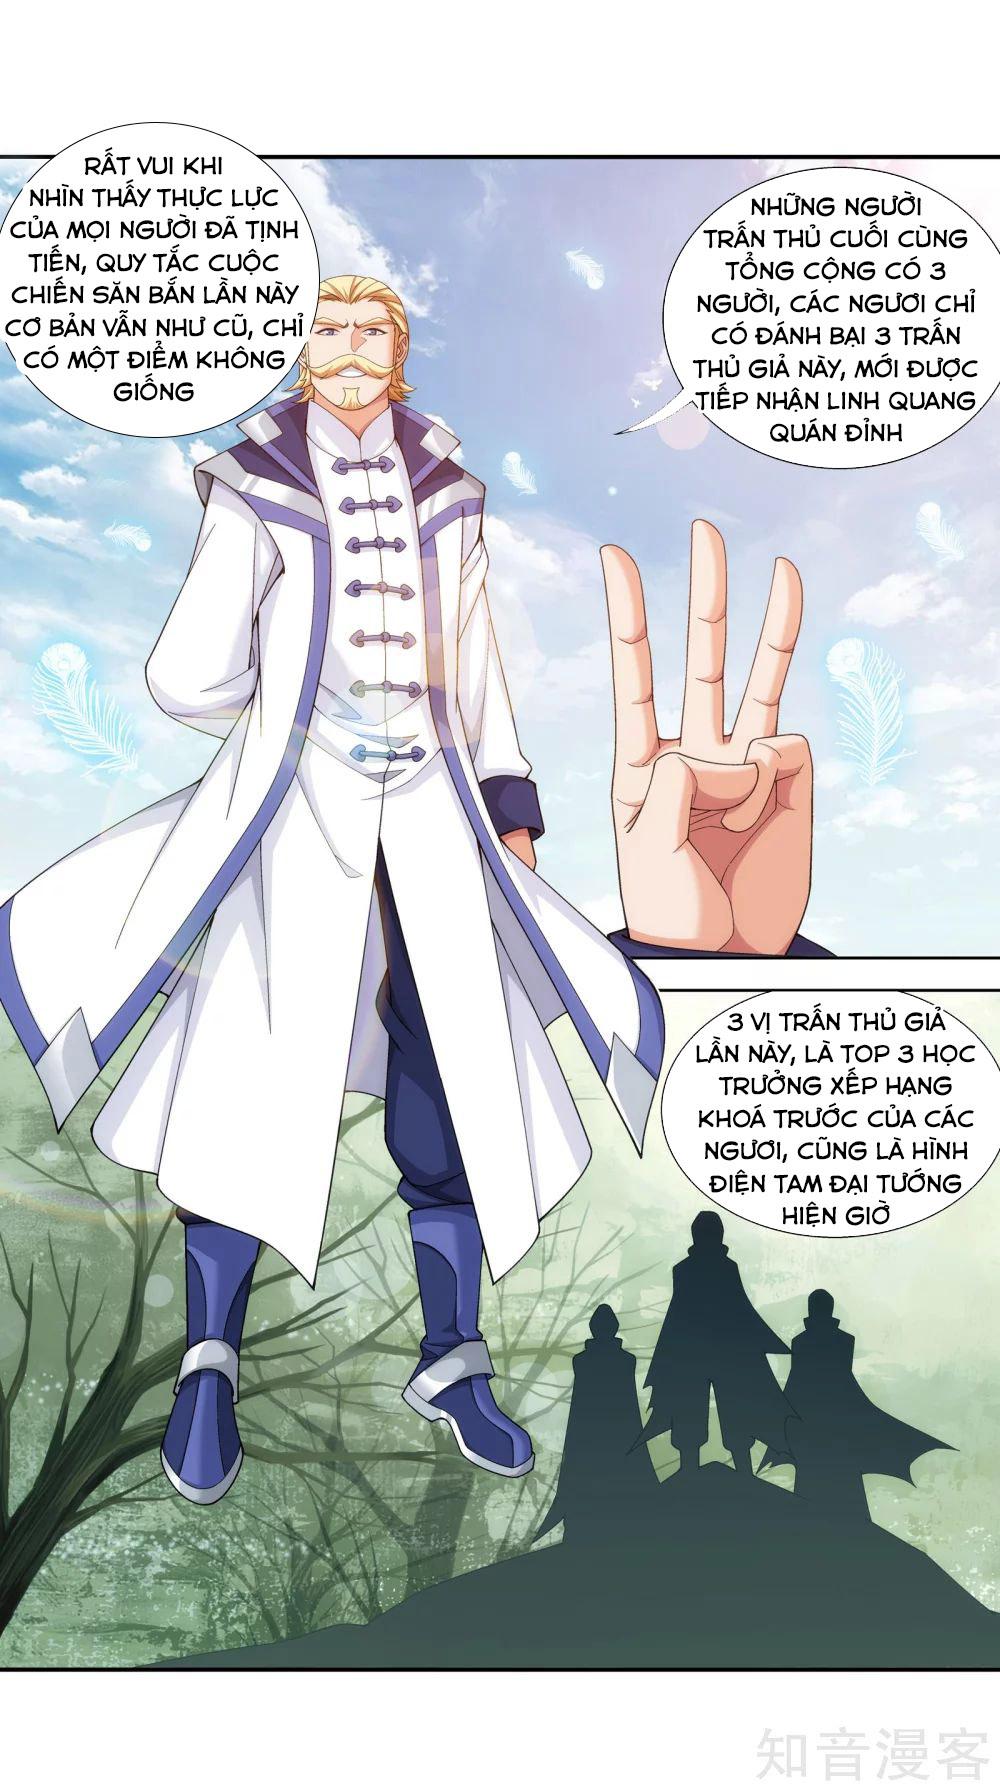 Đại chúa tể chap 142 - Trang 9